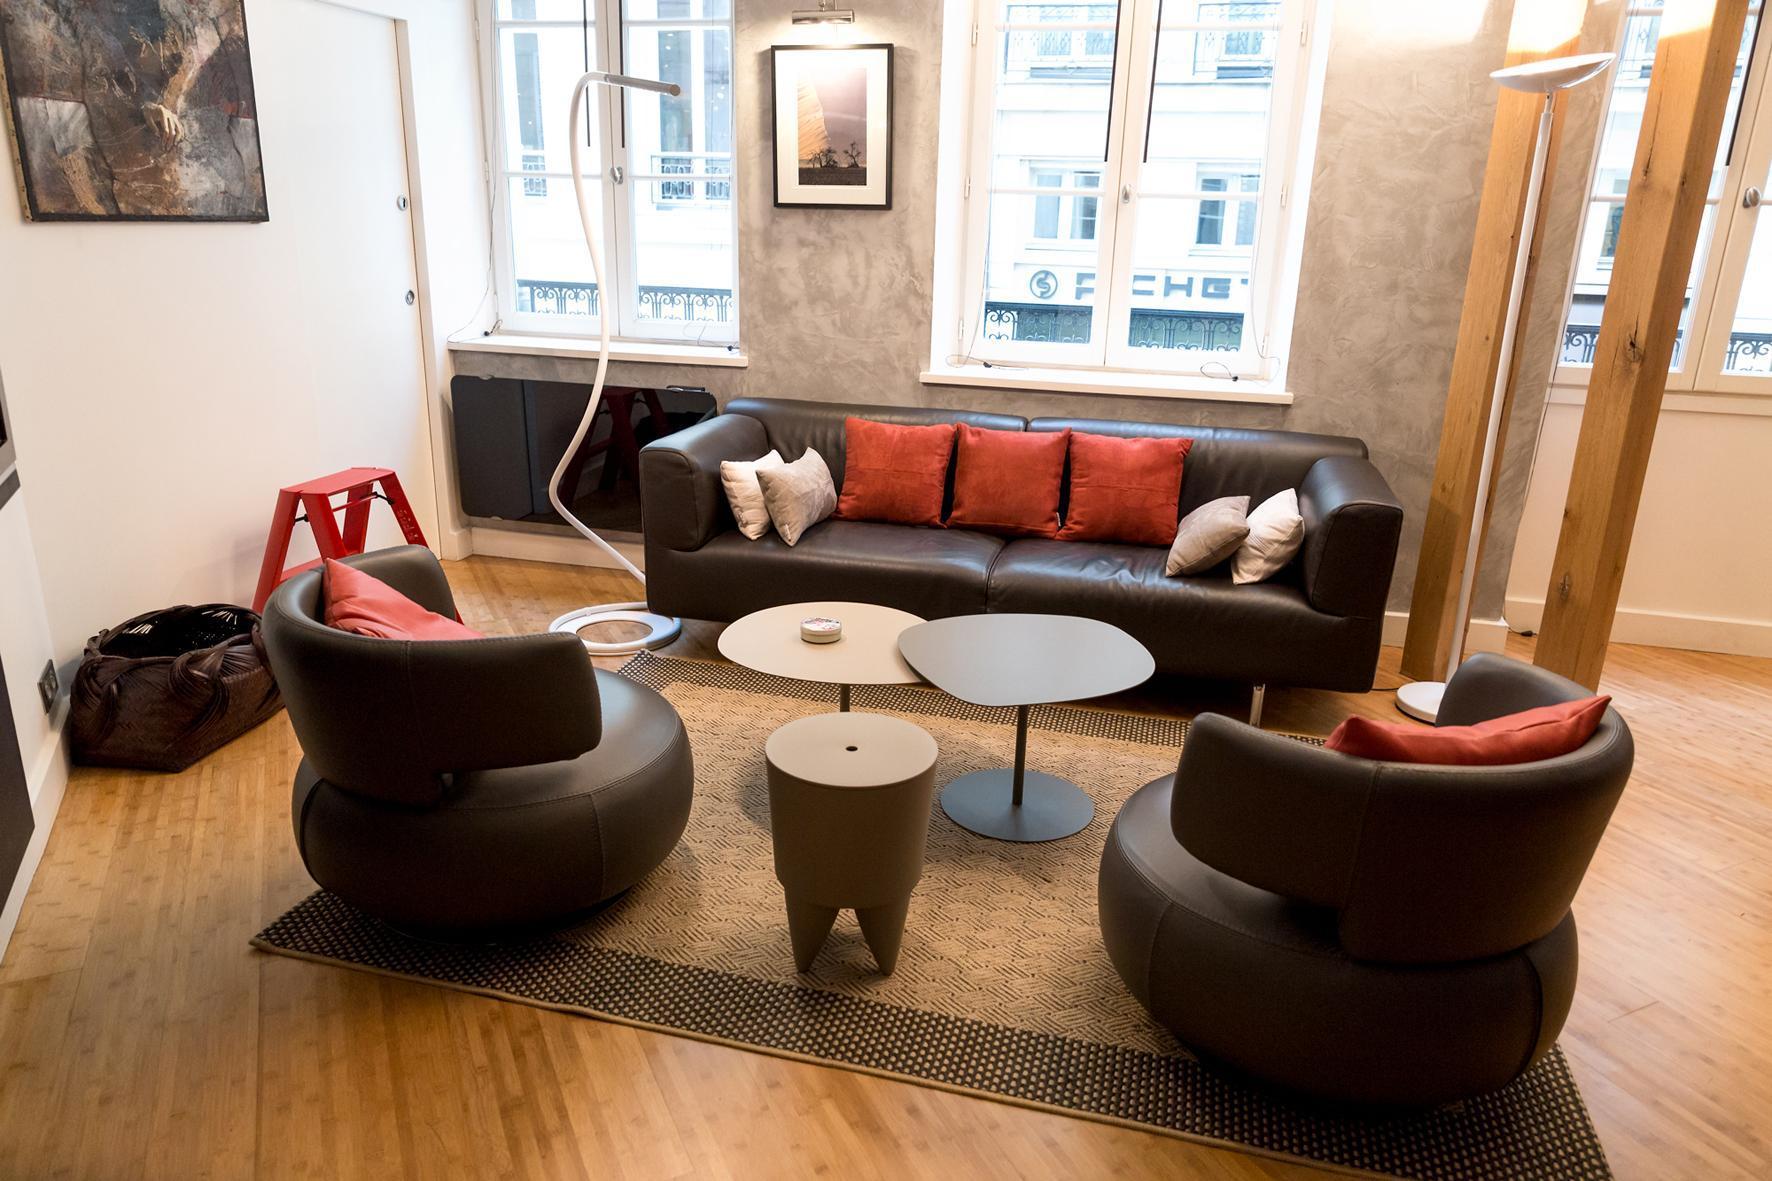 108503 - Appartement 2 personnes à Paris